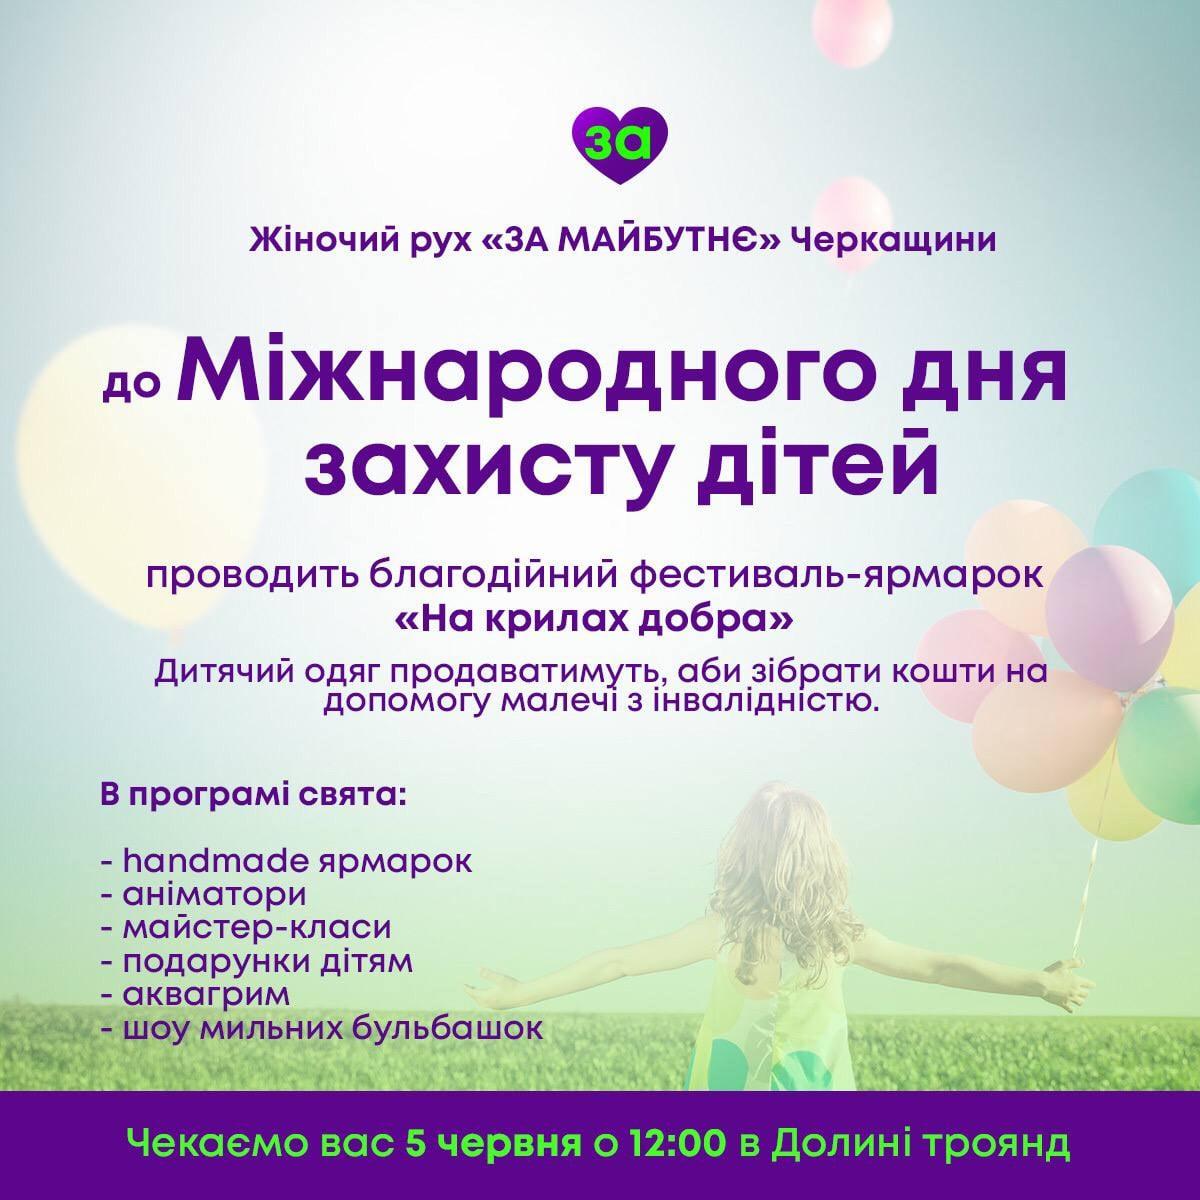 Черкащан запрошують на благодійний фестиваль-ярмарок у Долину троянд